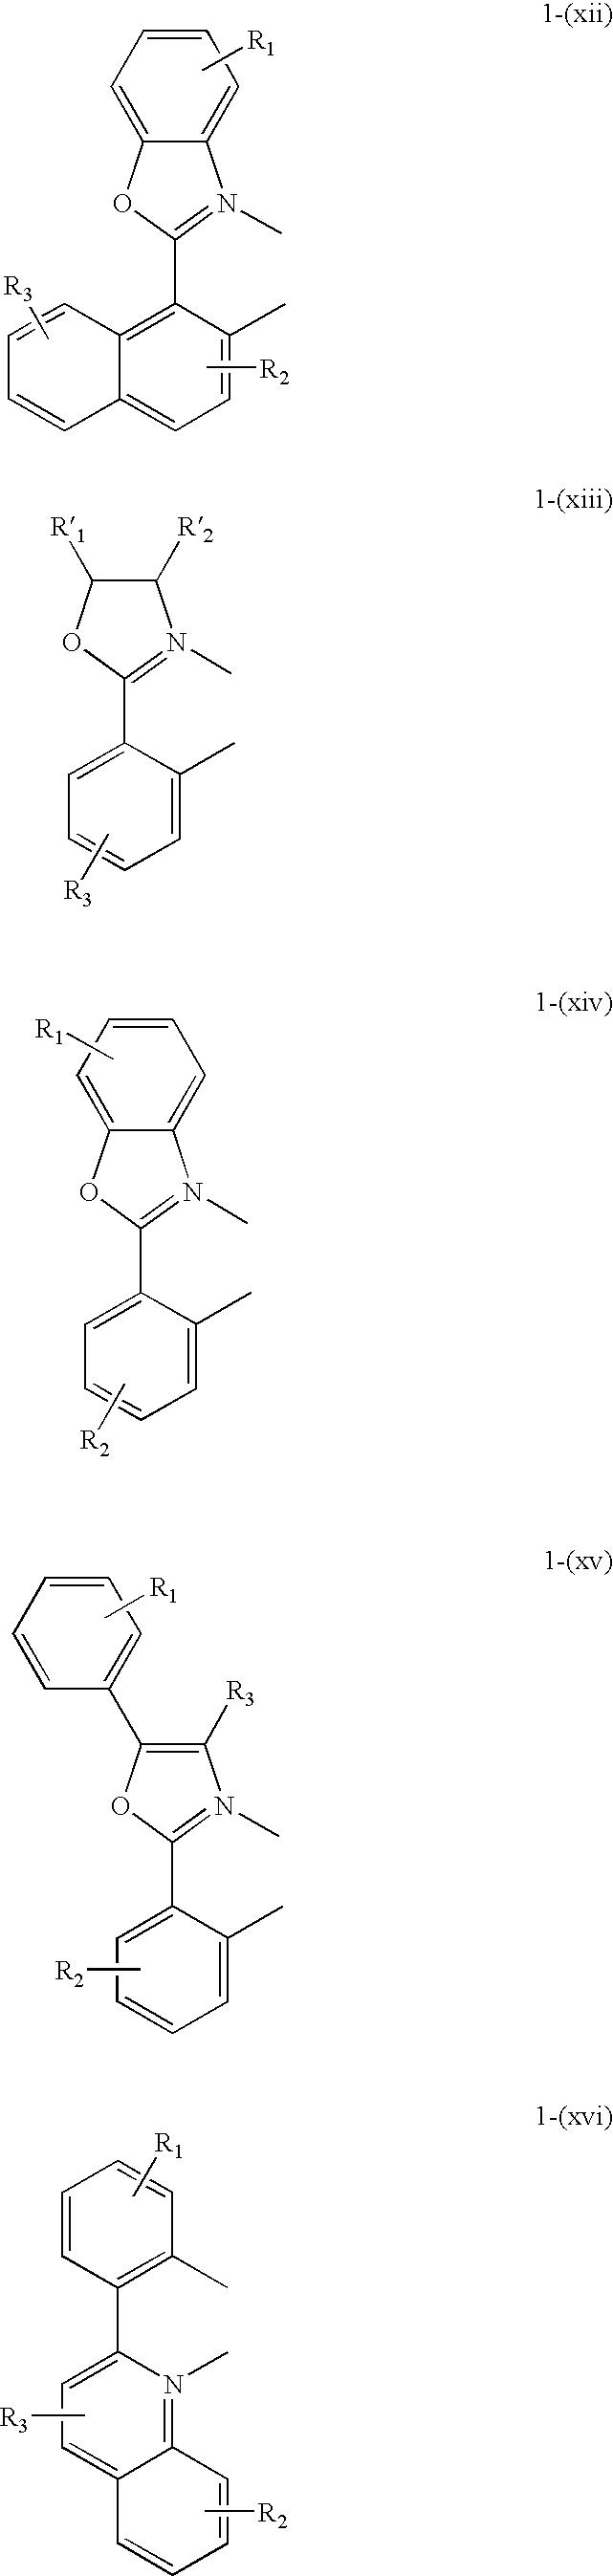 Figure US20060177695A1-20060810-C00034